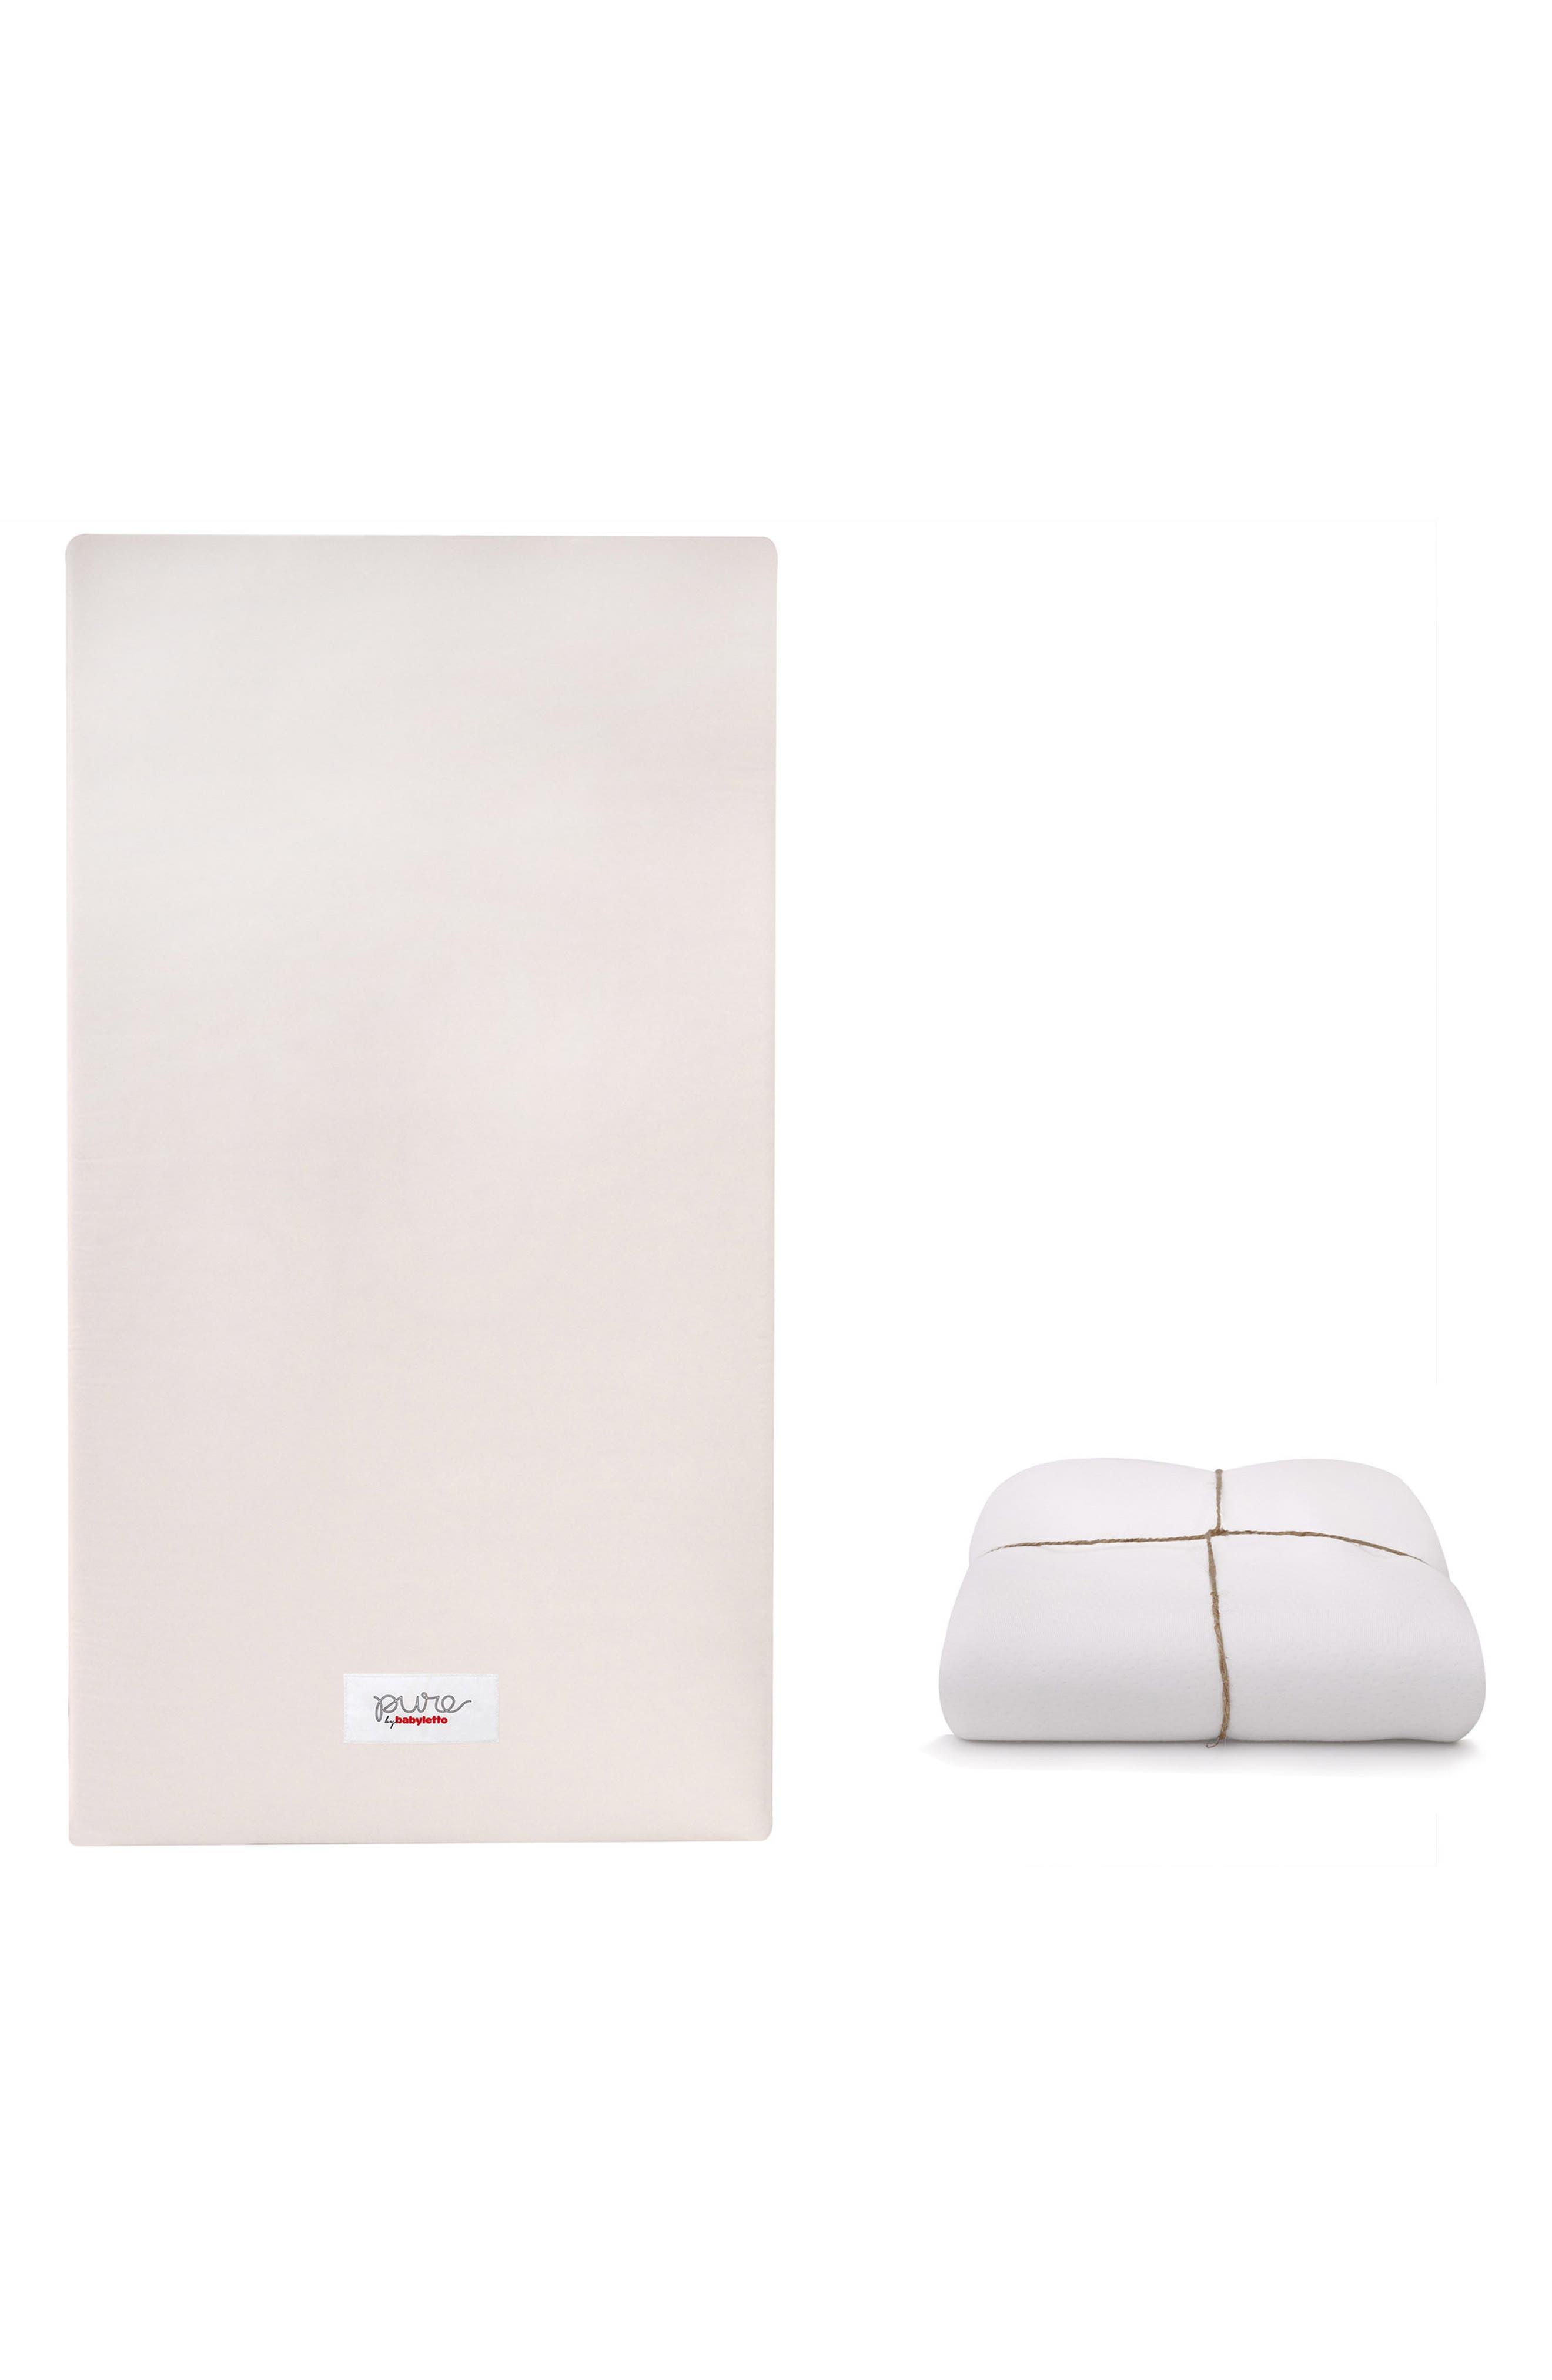 COCO Core Nontoxic Mini Crib Mattress & Water Repellent SMART Cover,                             Alternate thumbnail 3, color,                             100